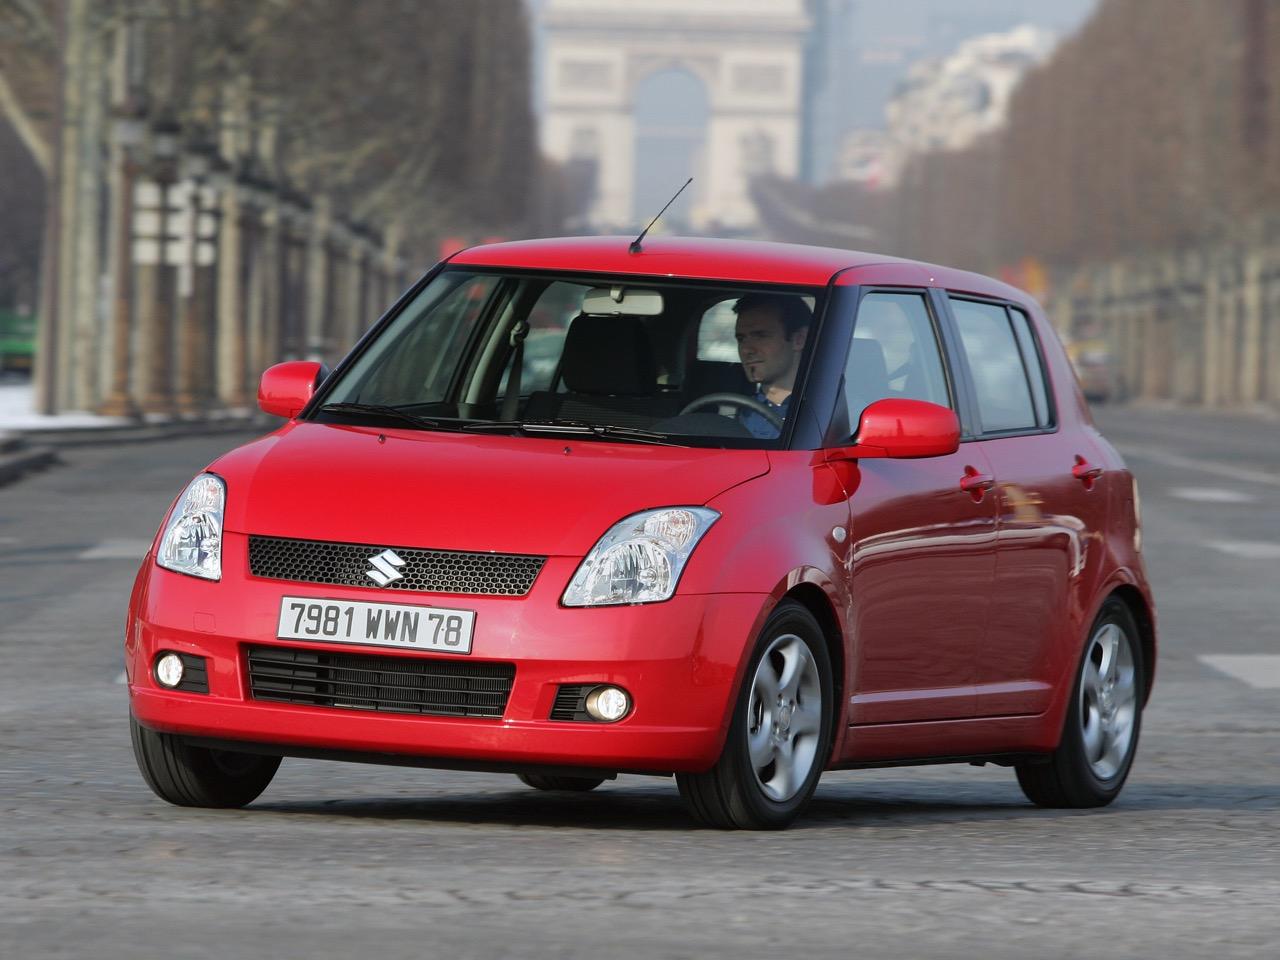 Suzuki Swift 2005 – 4